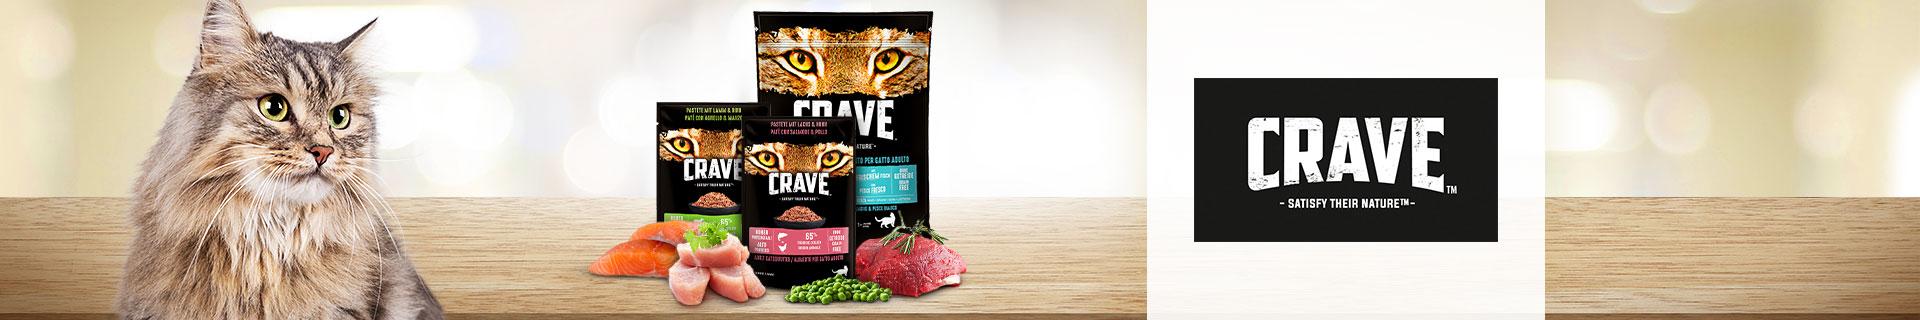 Crave Markenshop Katze